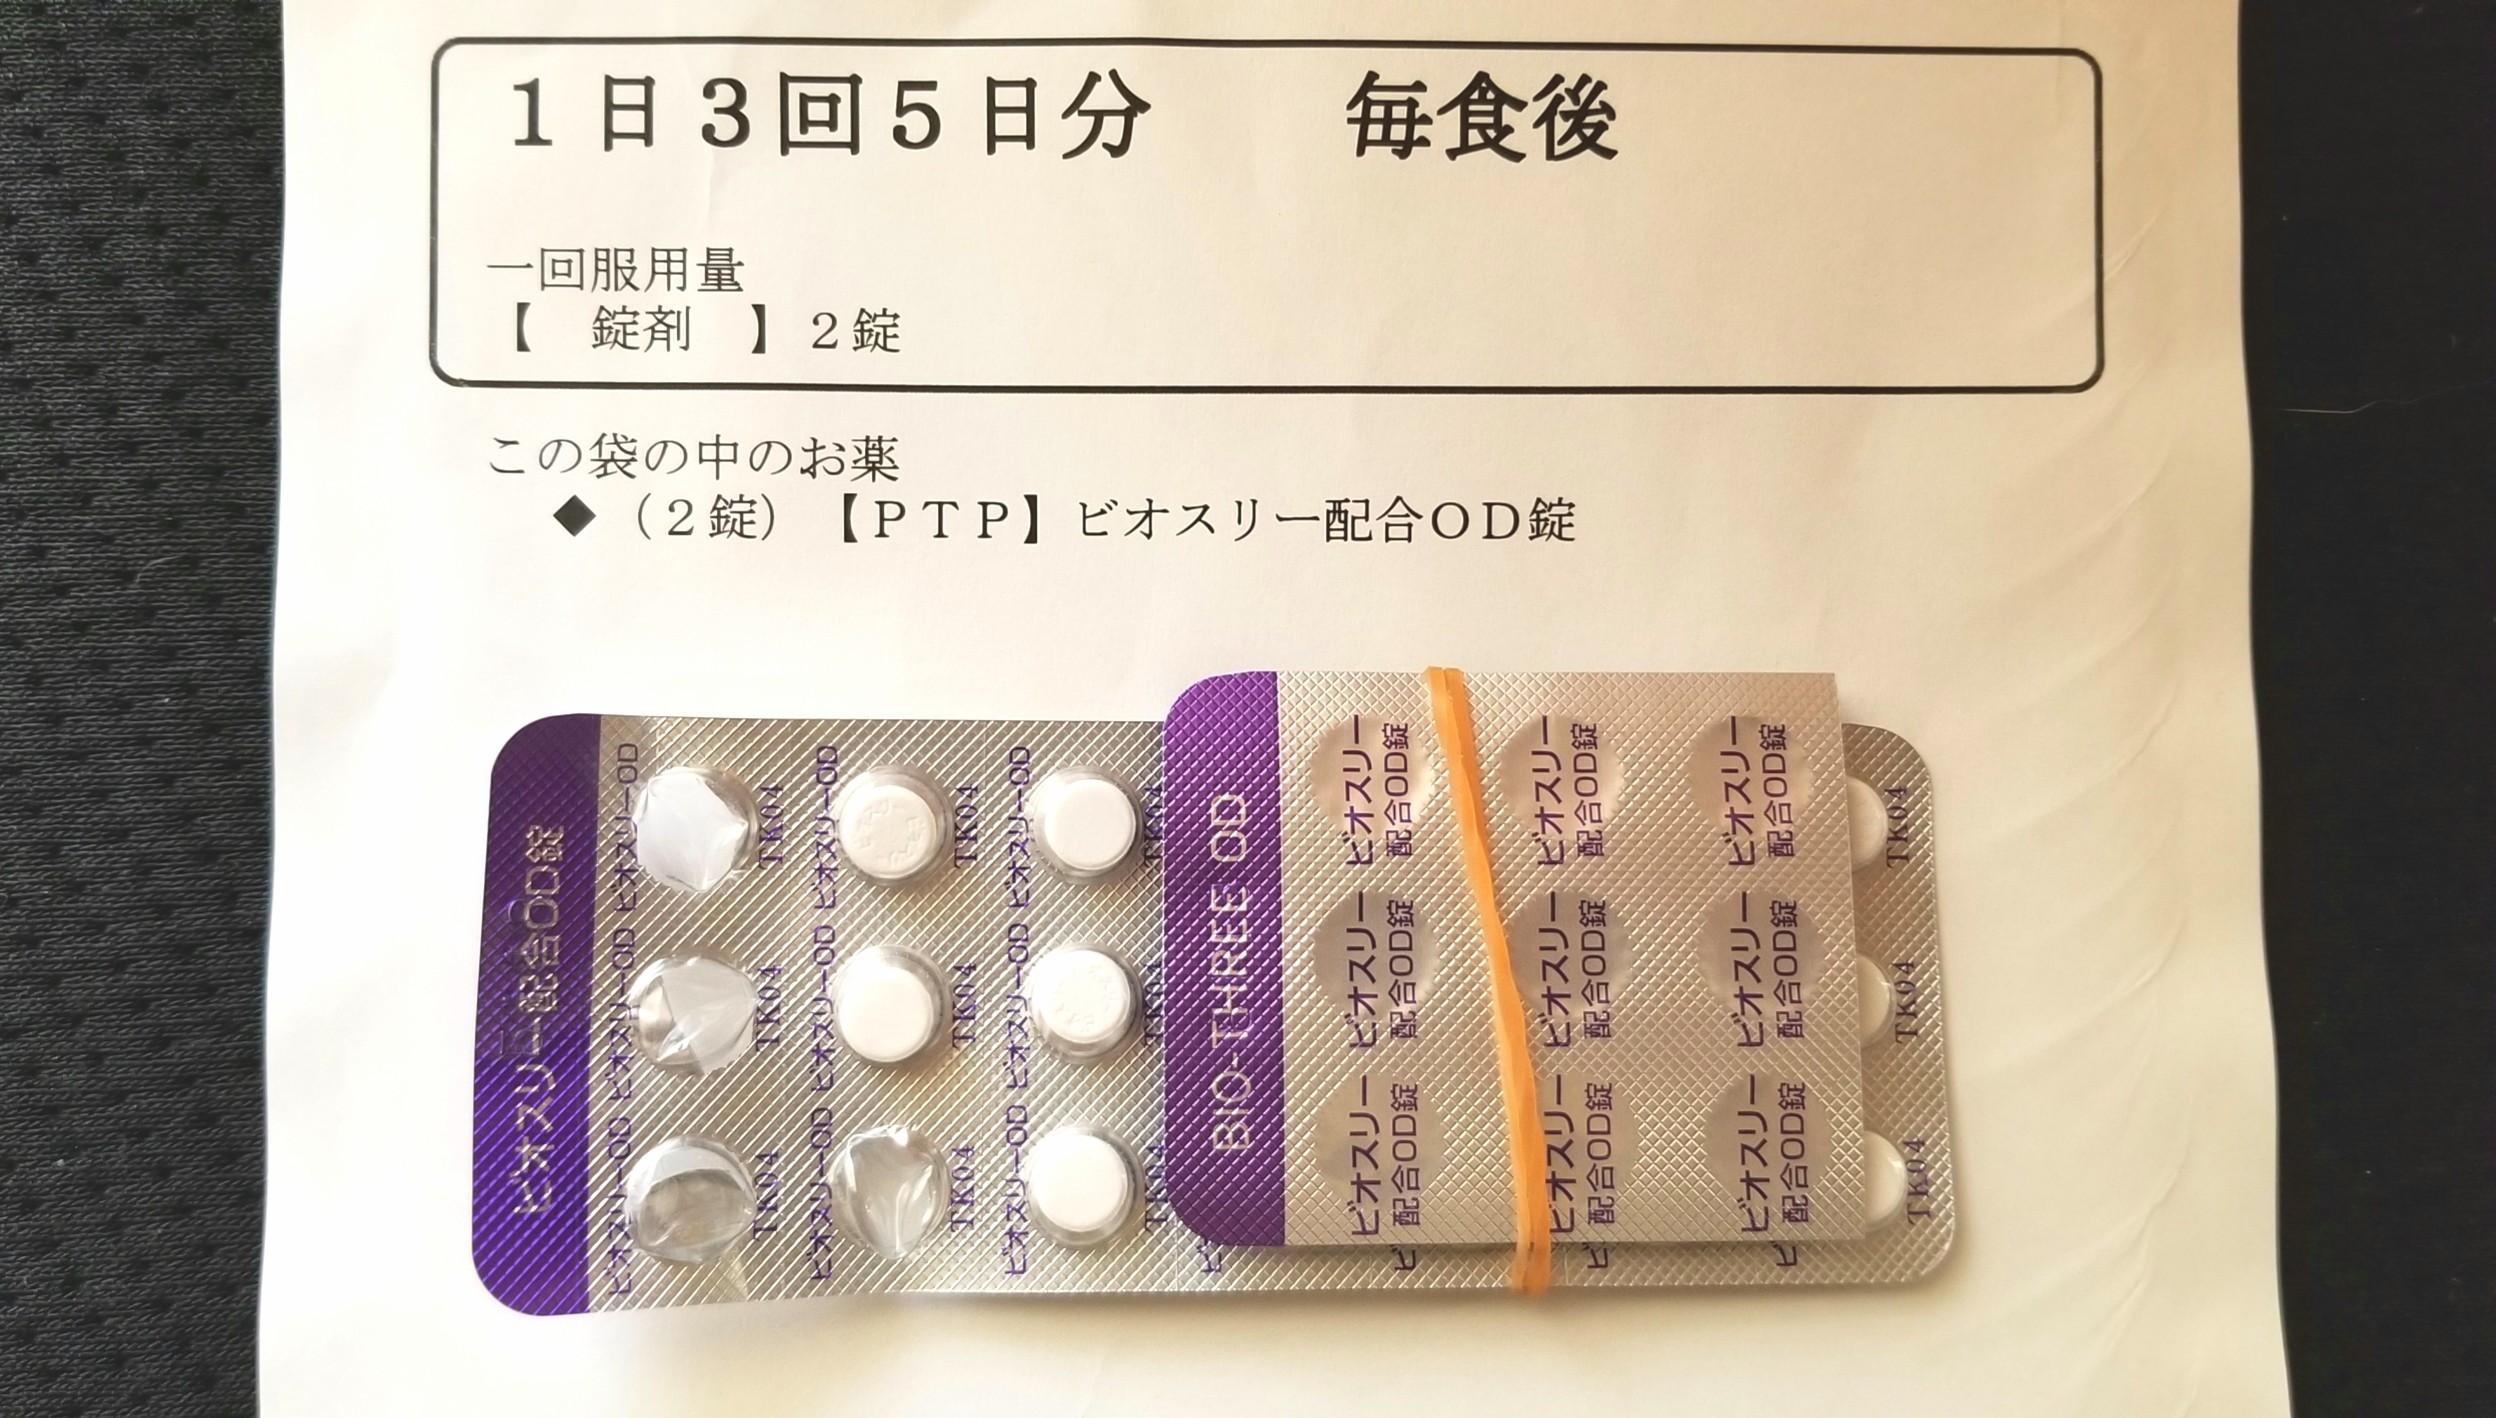 整腸剤,下痢嘔吐,ptp,ビオスリー配合,激しい吐き気と嘔吐,ひどい頭痛